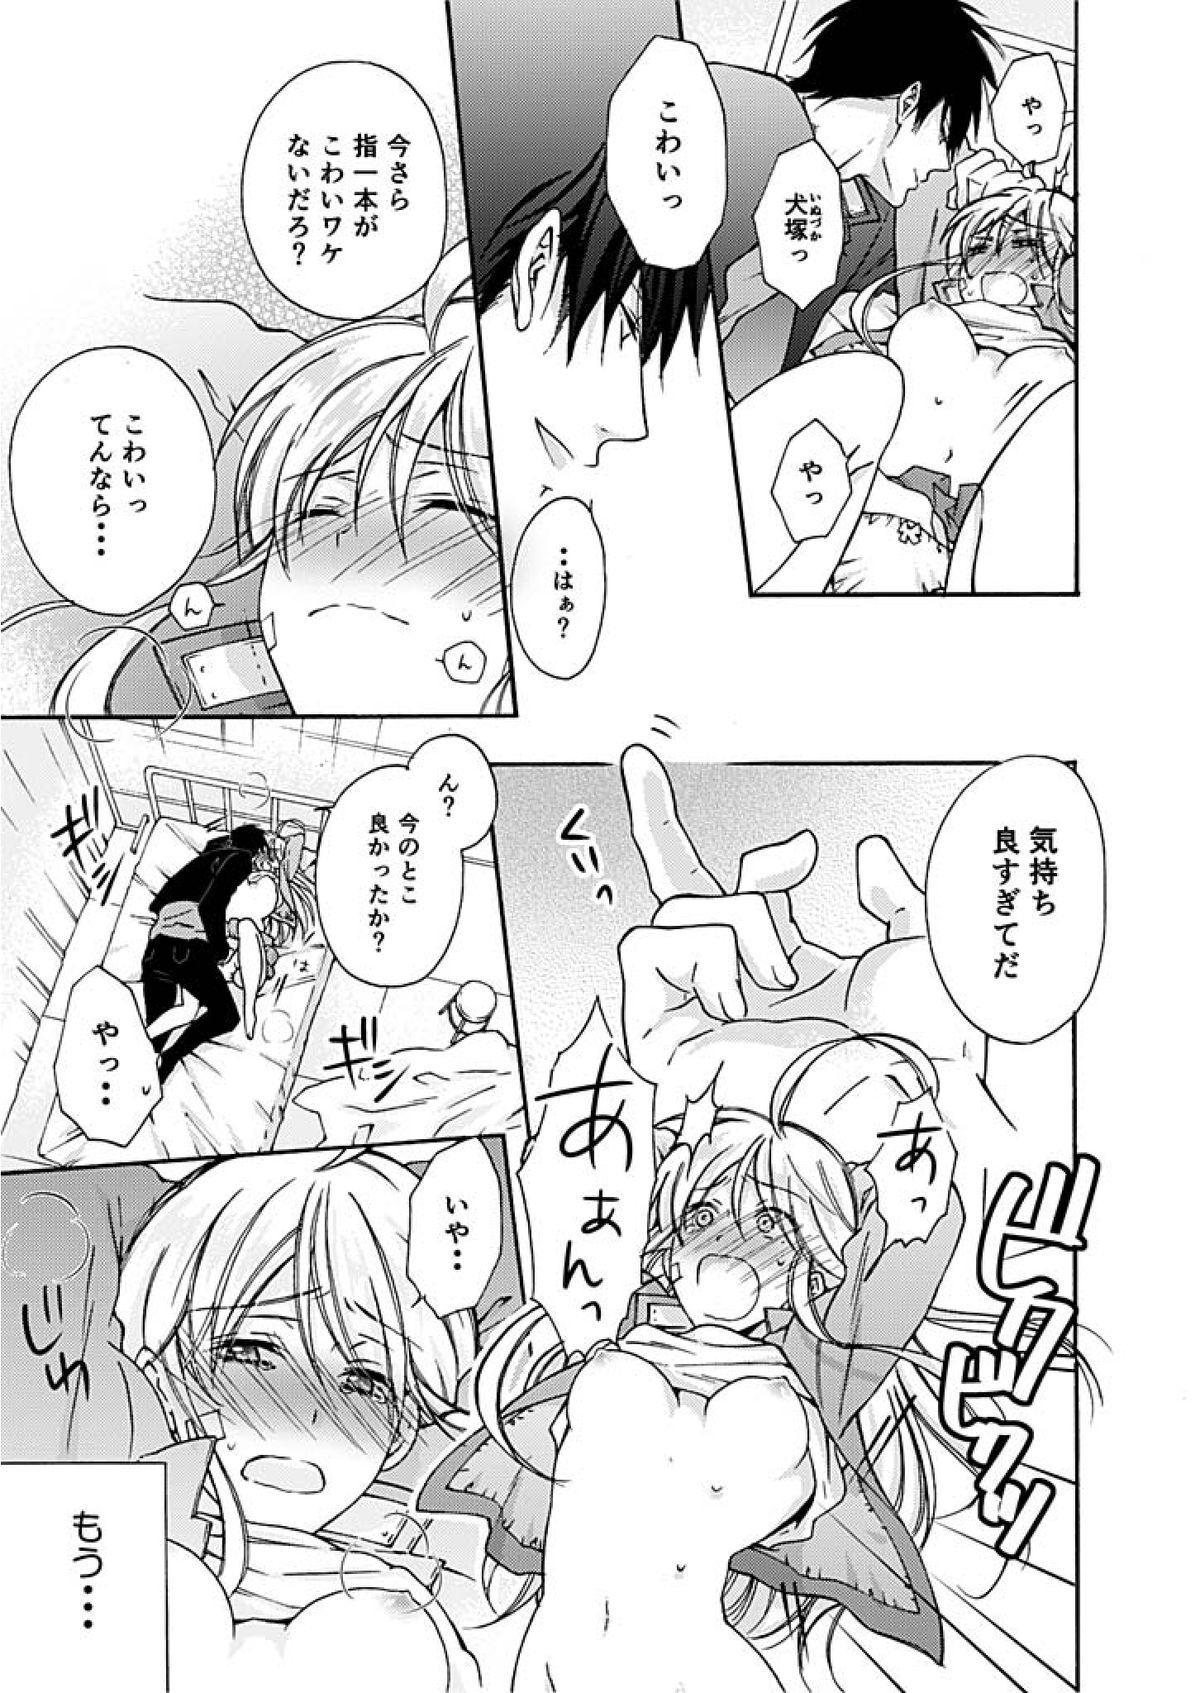 Nyotaika Yankee Gakuen ☆ Ore no Hajimete, Nerawaretemasu. 2 25